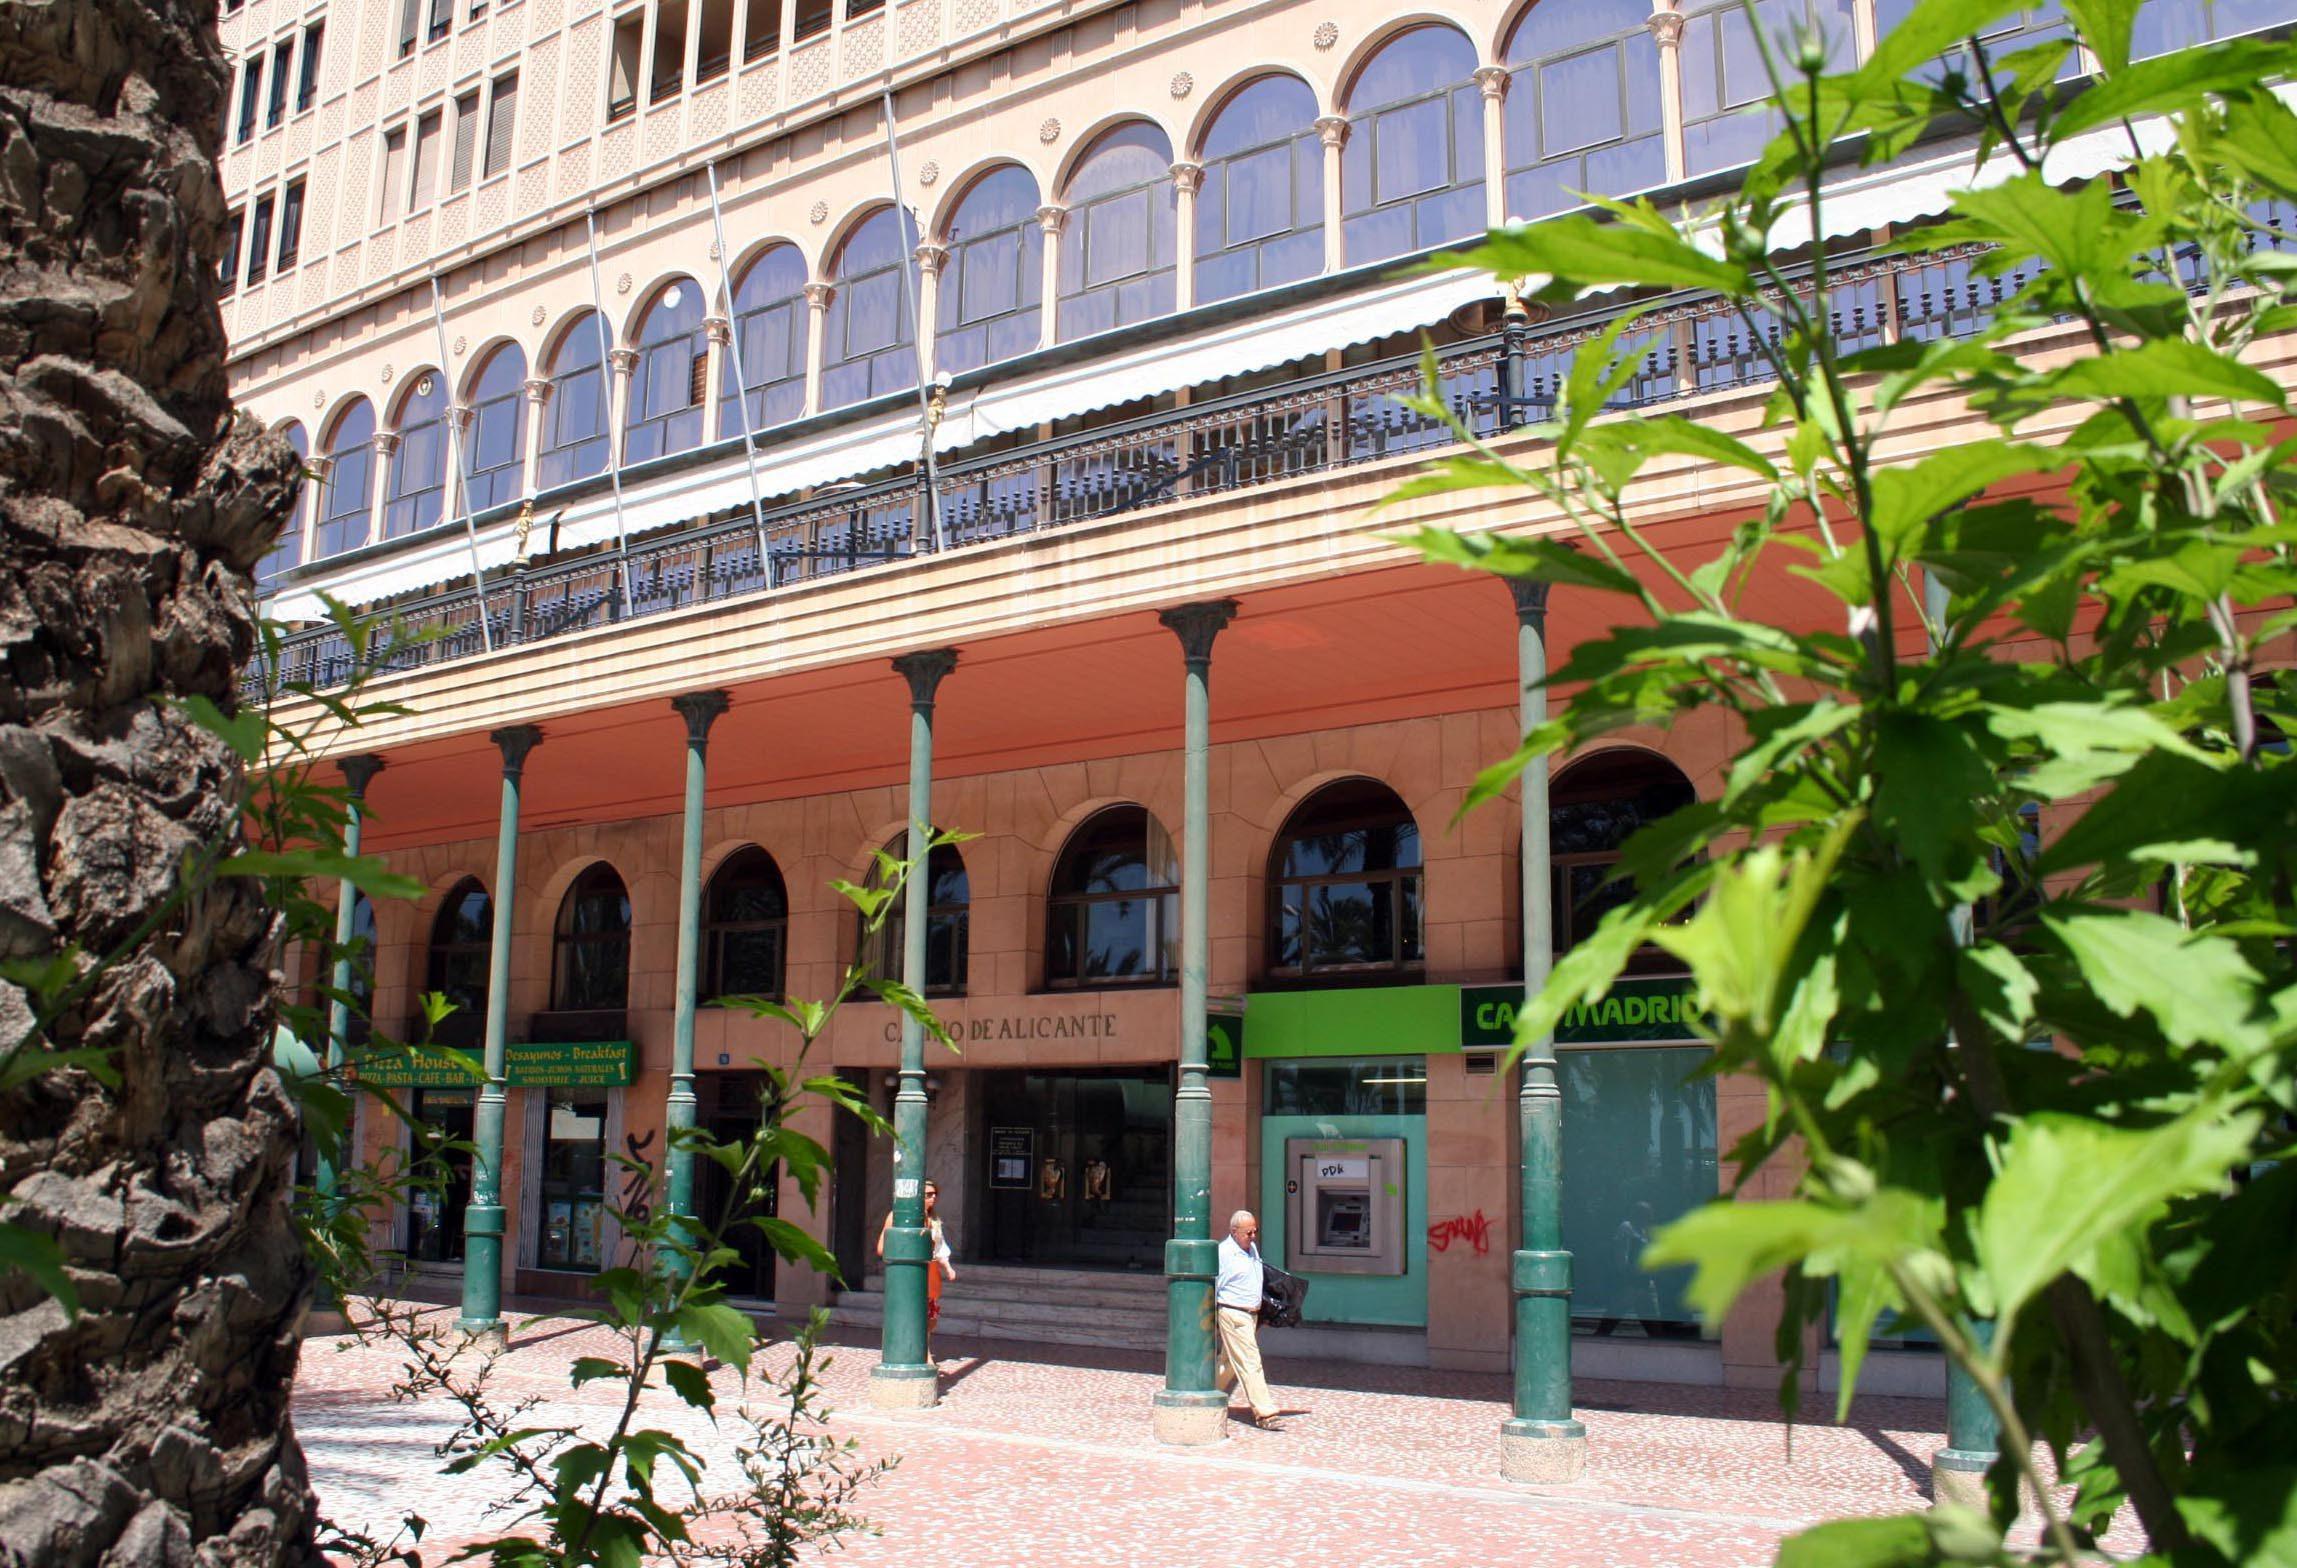 Dimite El Presidente Del Casino De Alicante Tras Enfrentarse A Castedo